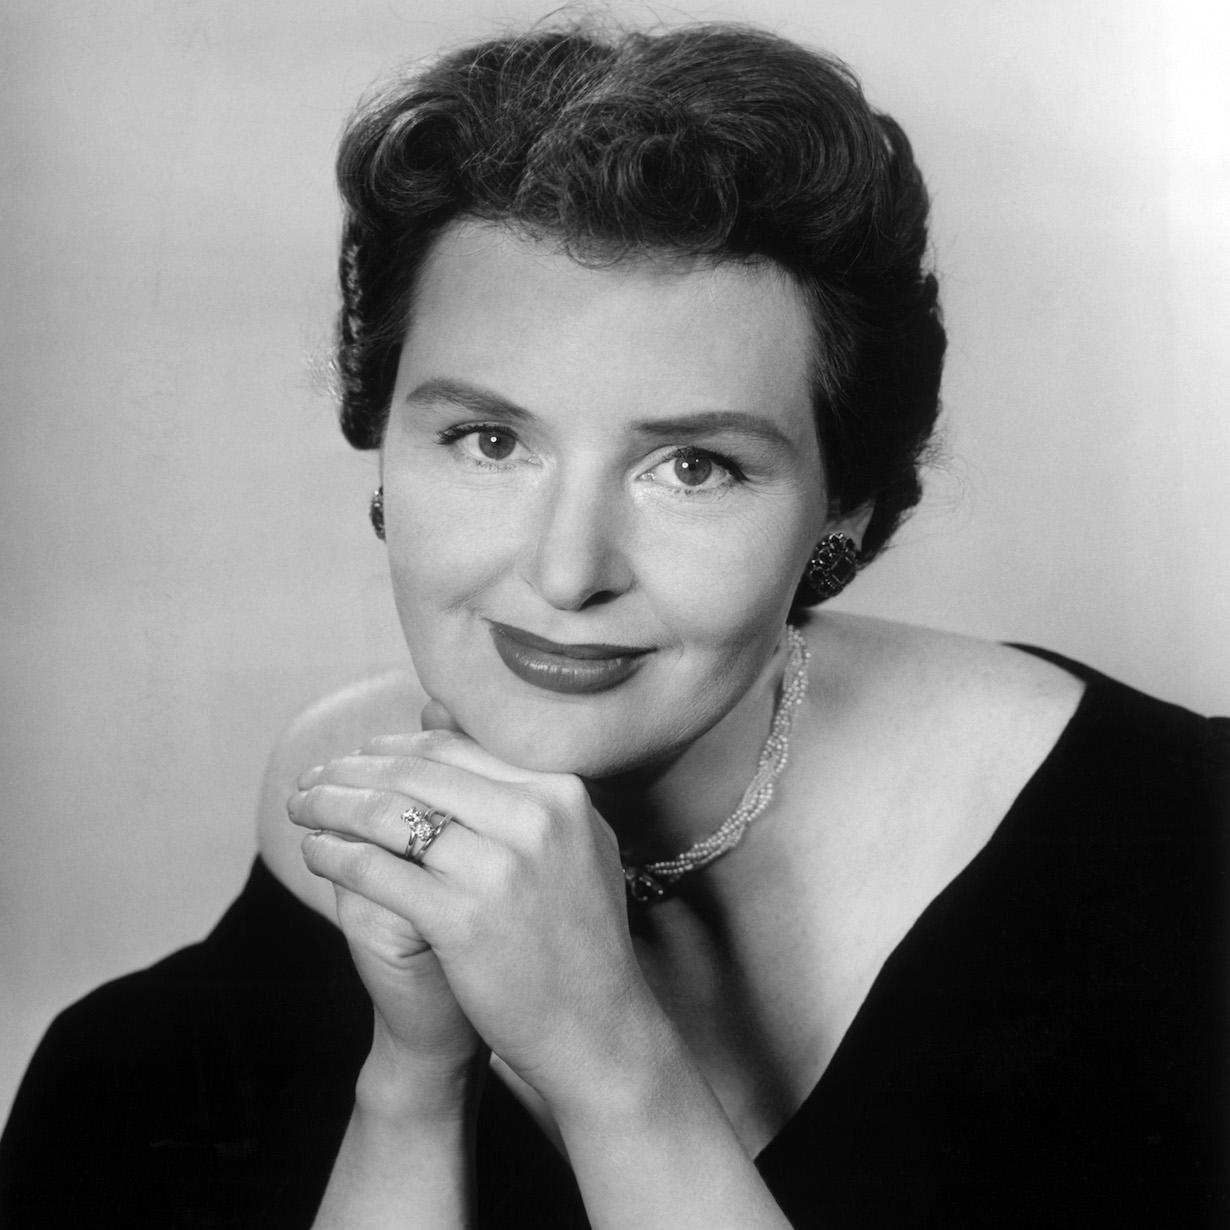 PORTIA FACES LIFE, Frances Reid, 1954-55